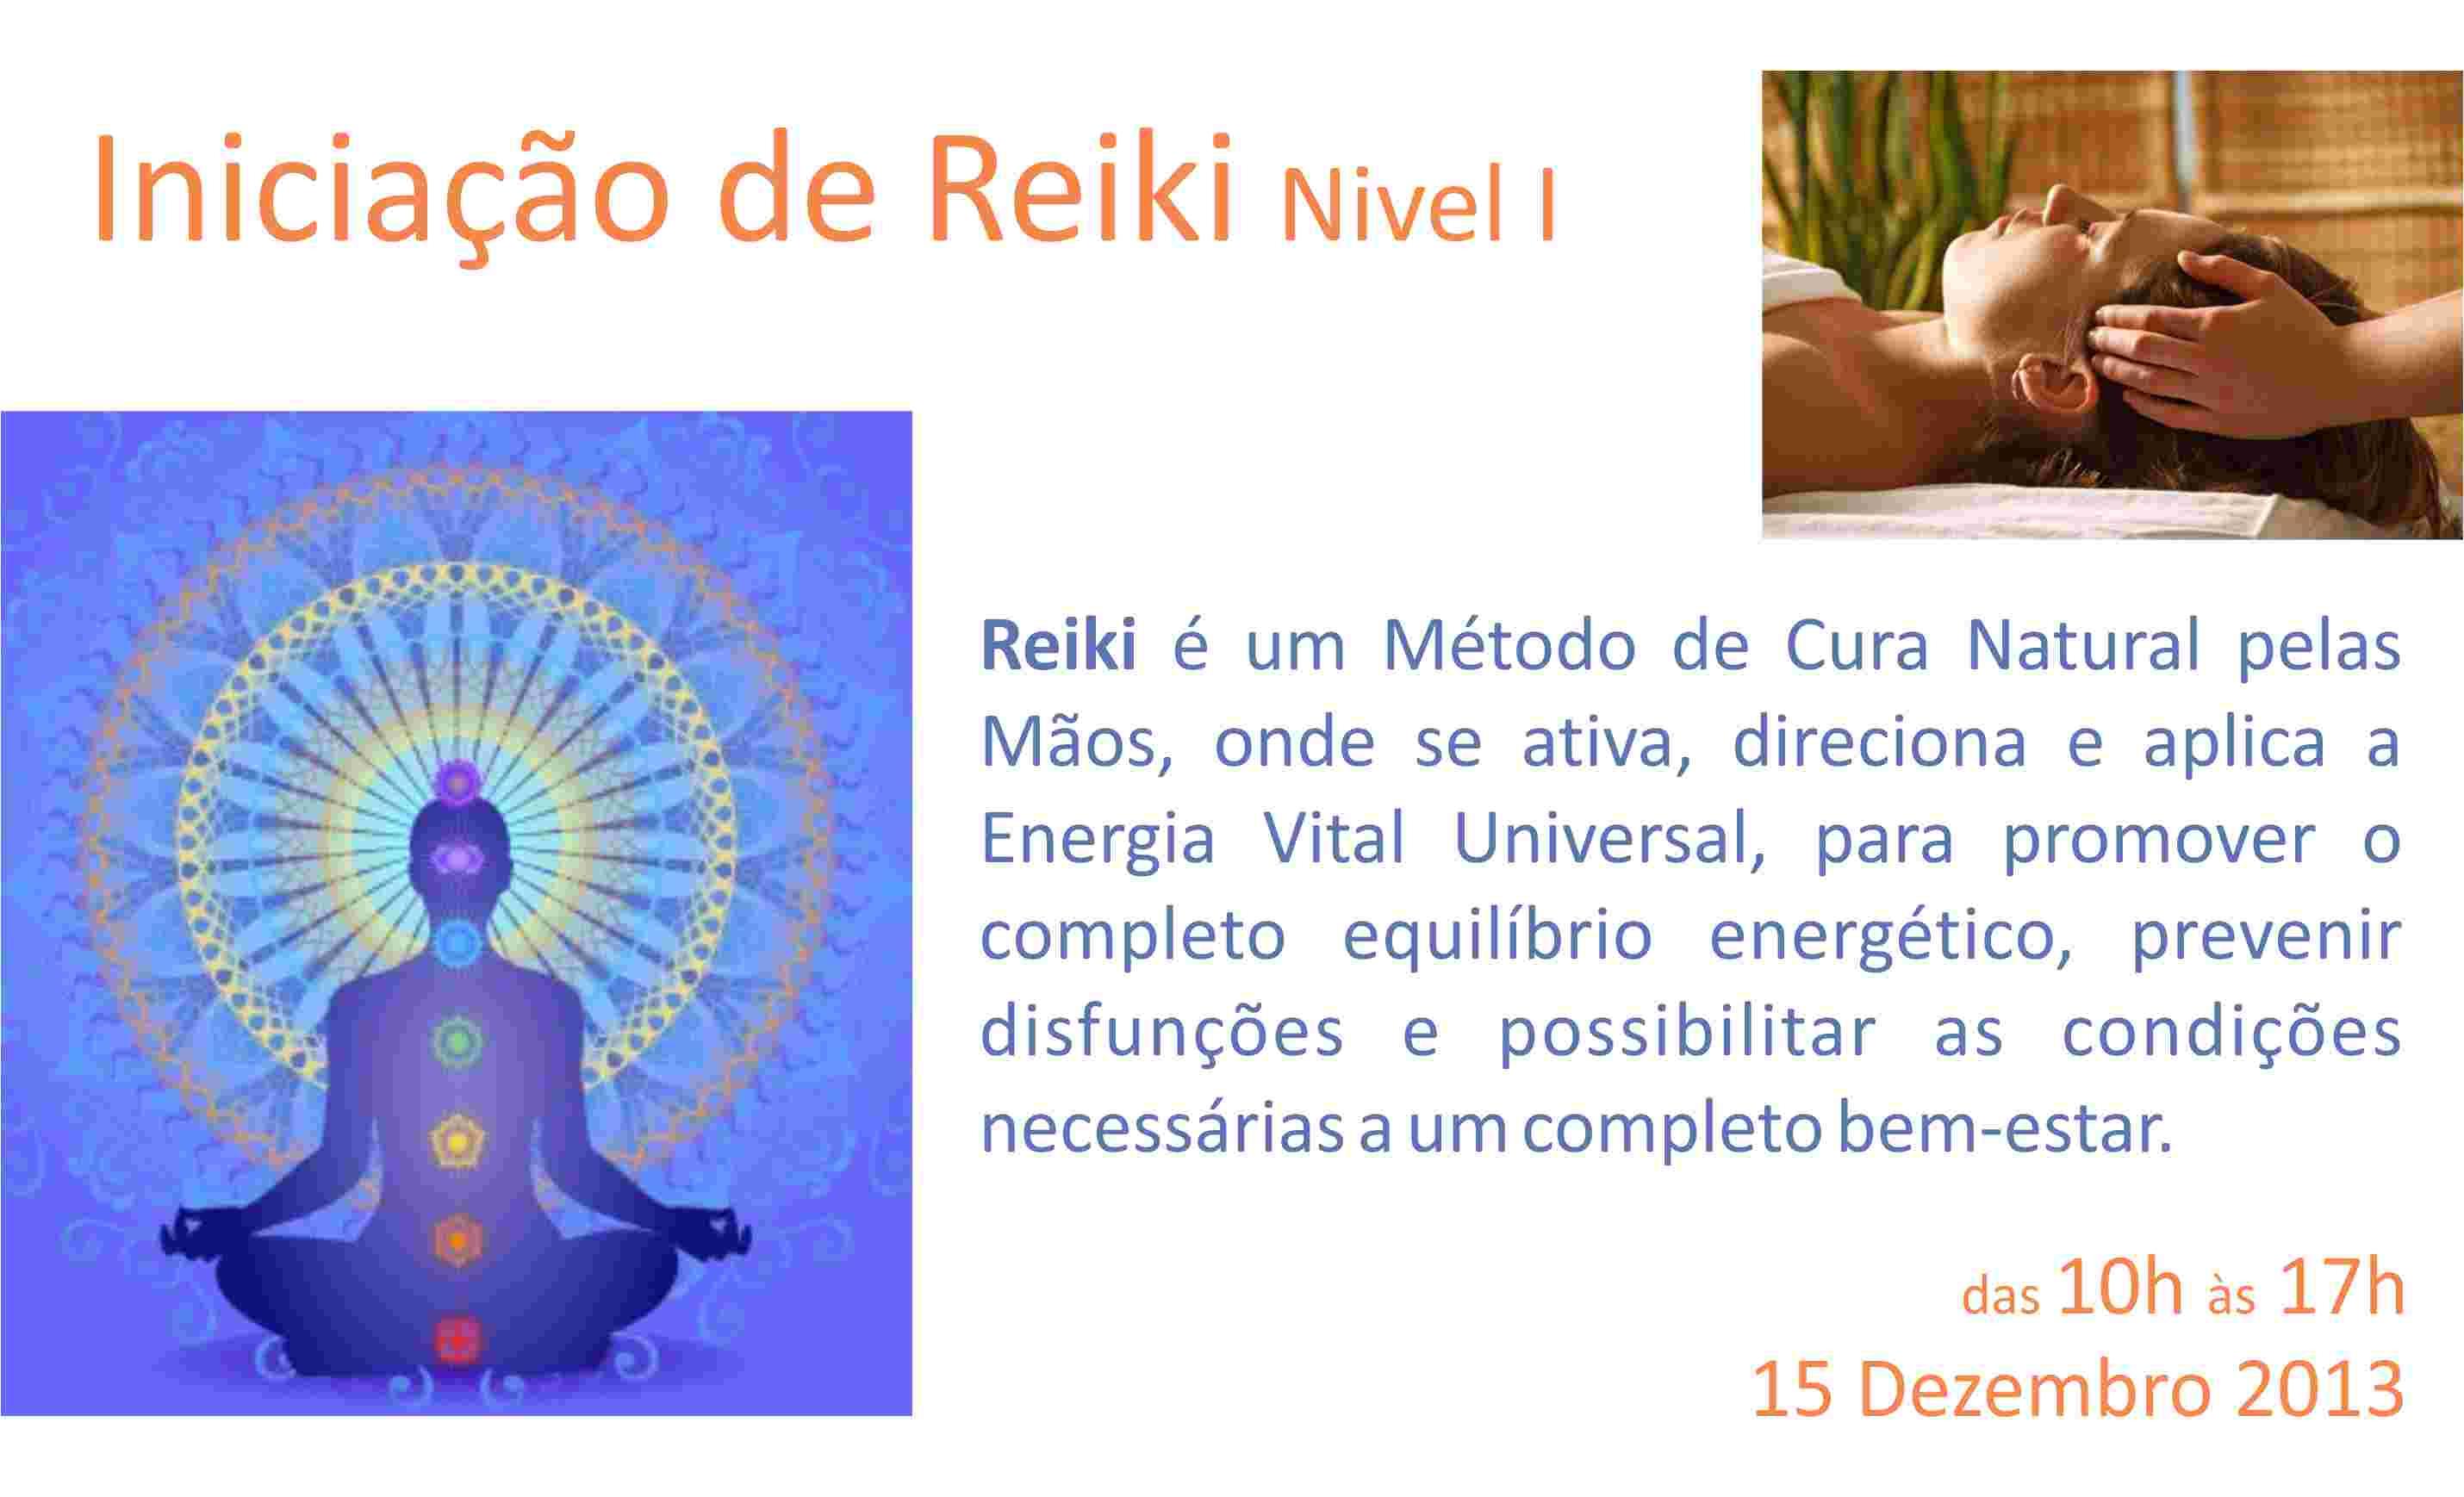 Iniciação de Reiki